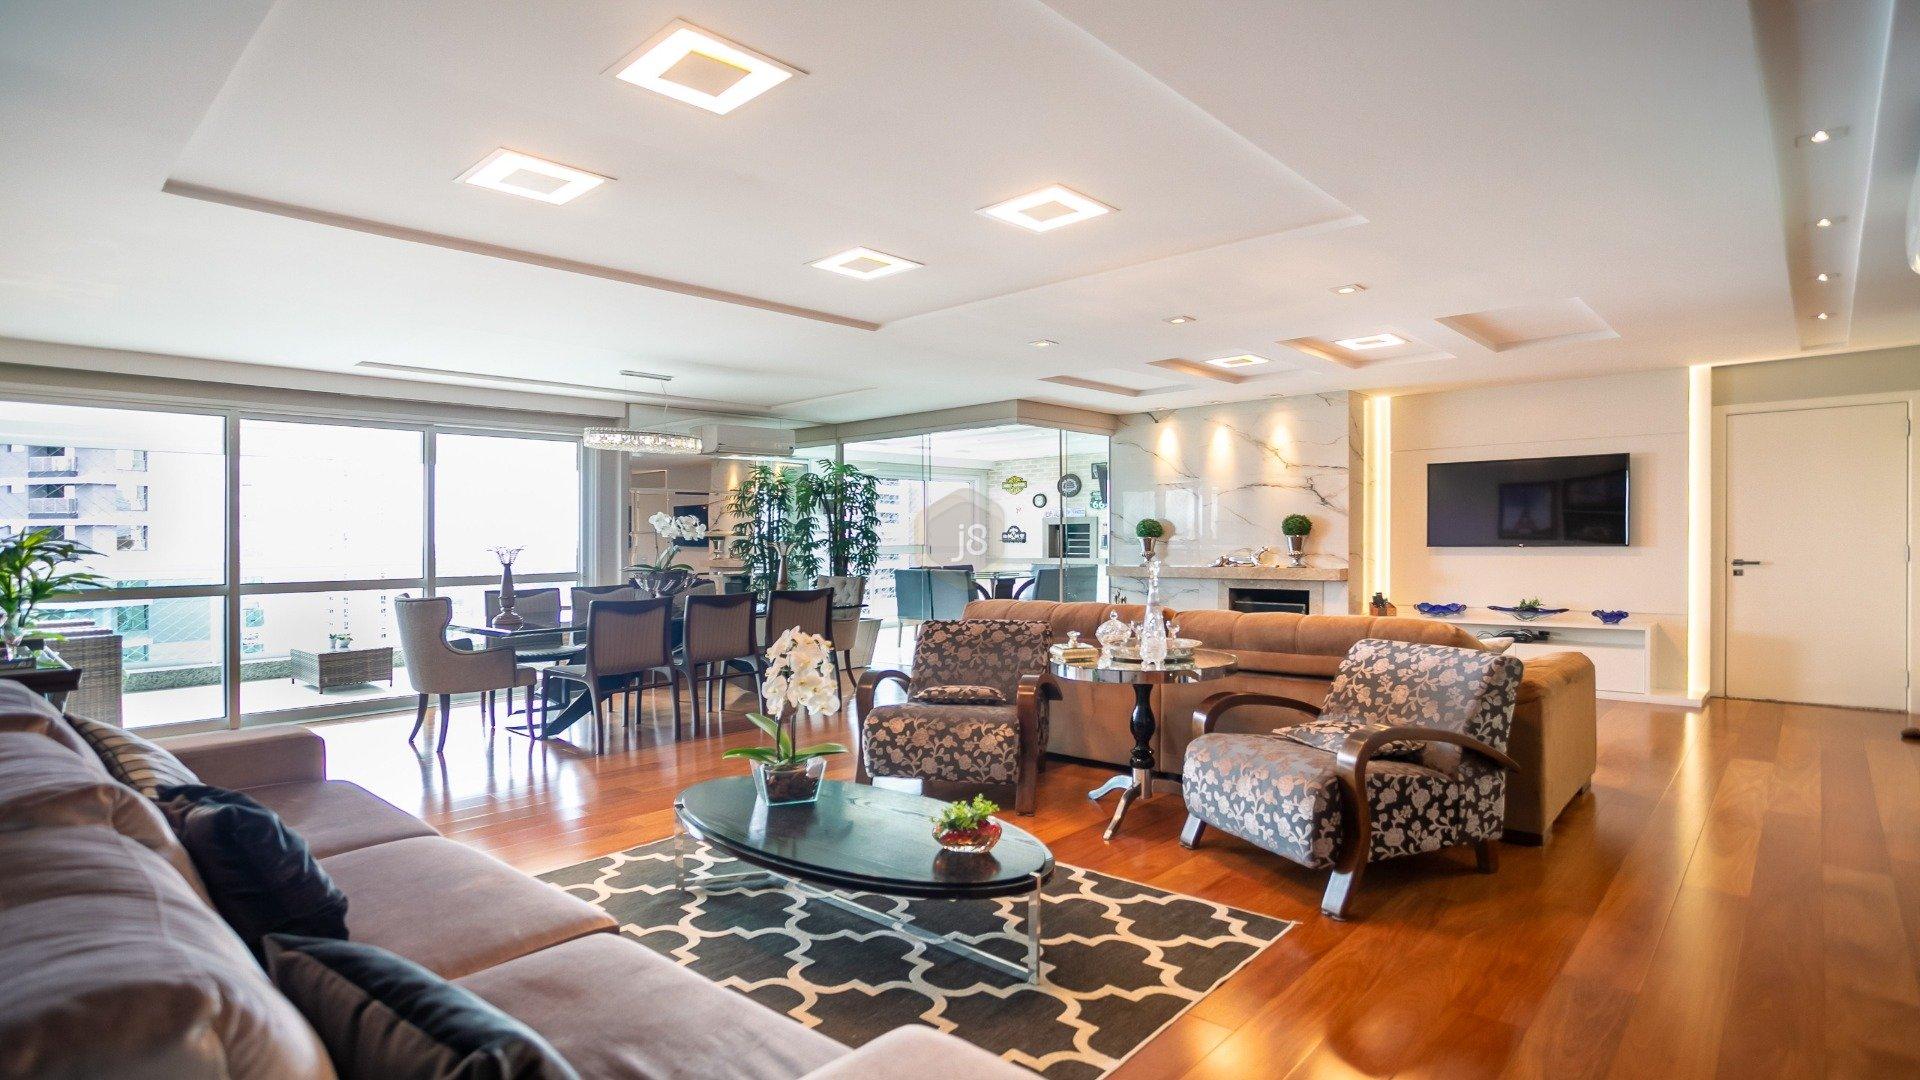 Foto de destaque Para viver como se fosse em casa e ambientes sofisticados !